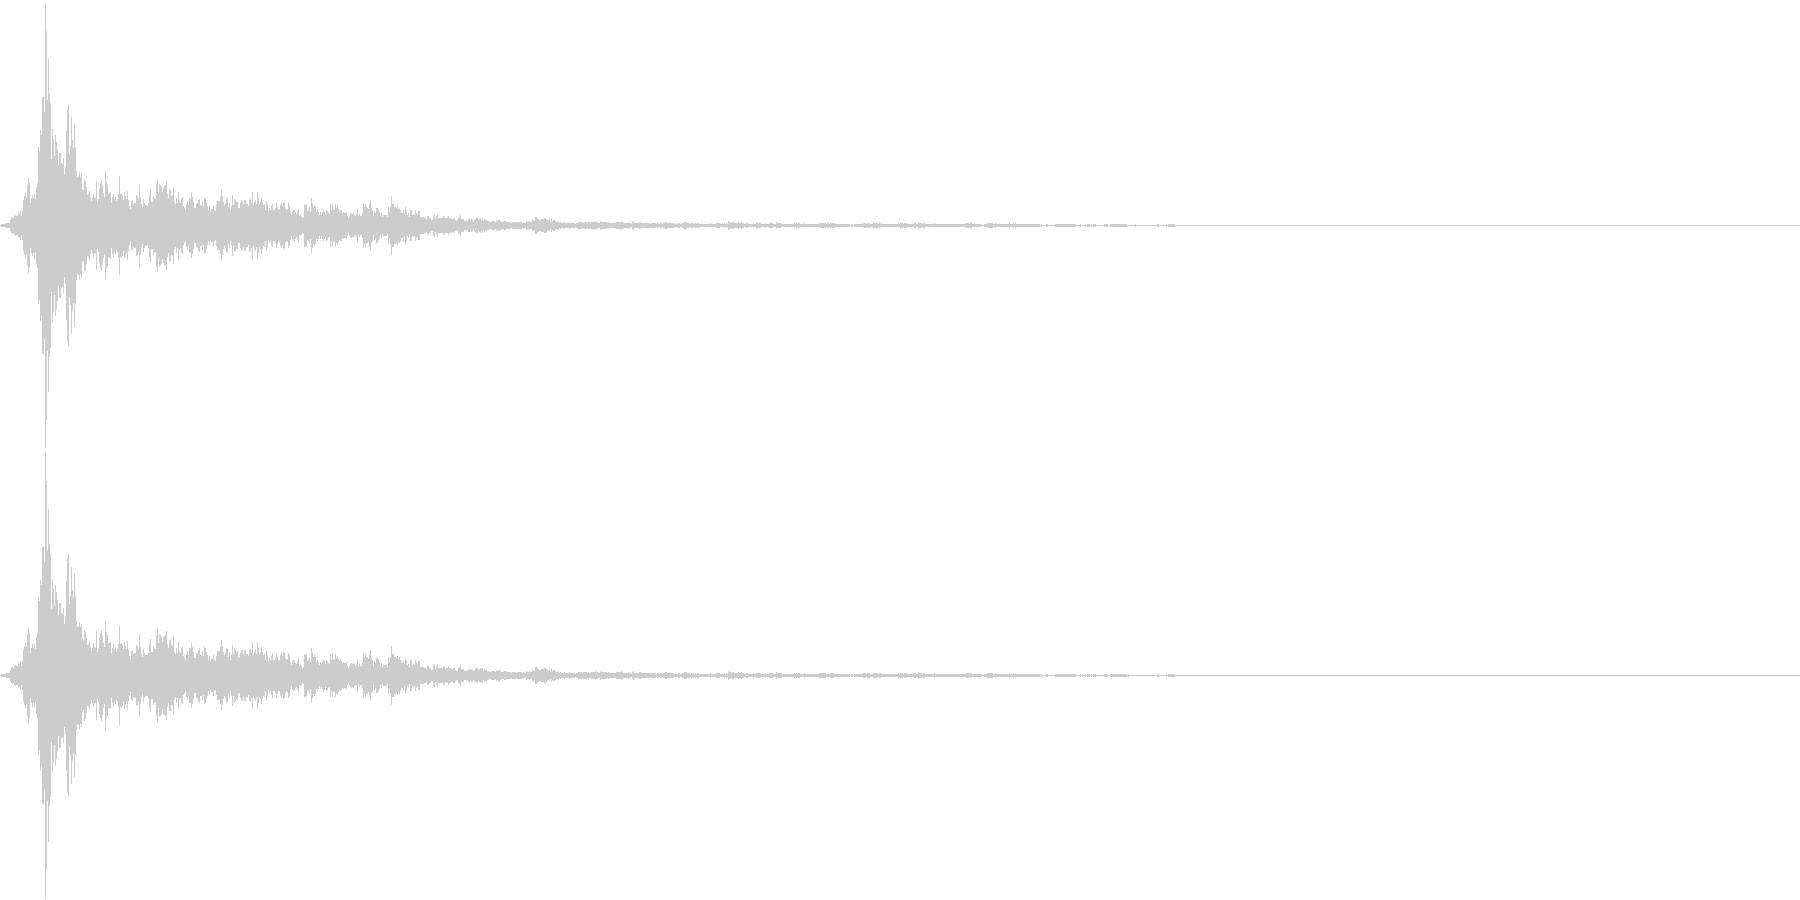 音侍SE「シャン〜〜!」象徴的な鈴の音2の未再生の波形